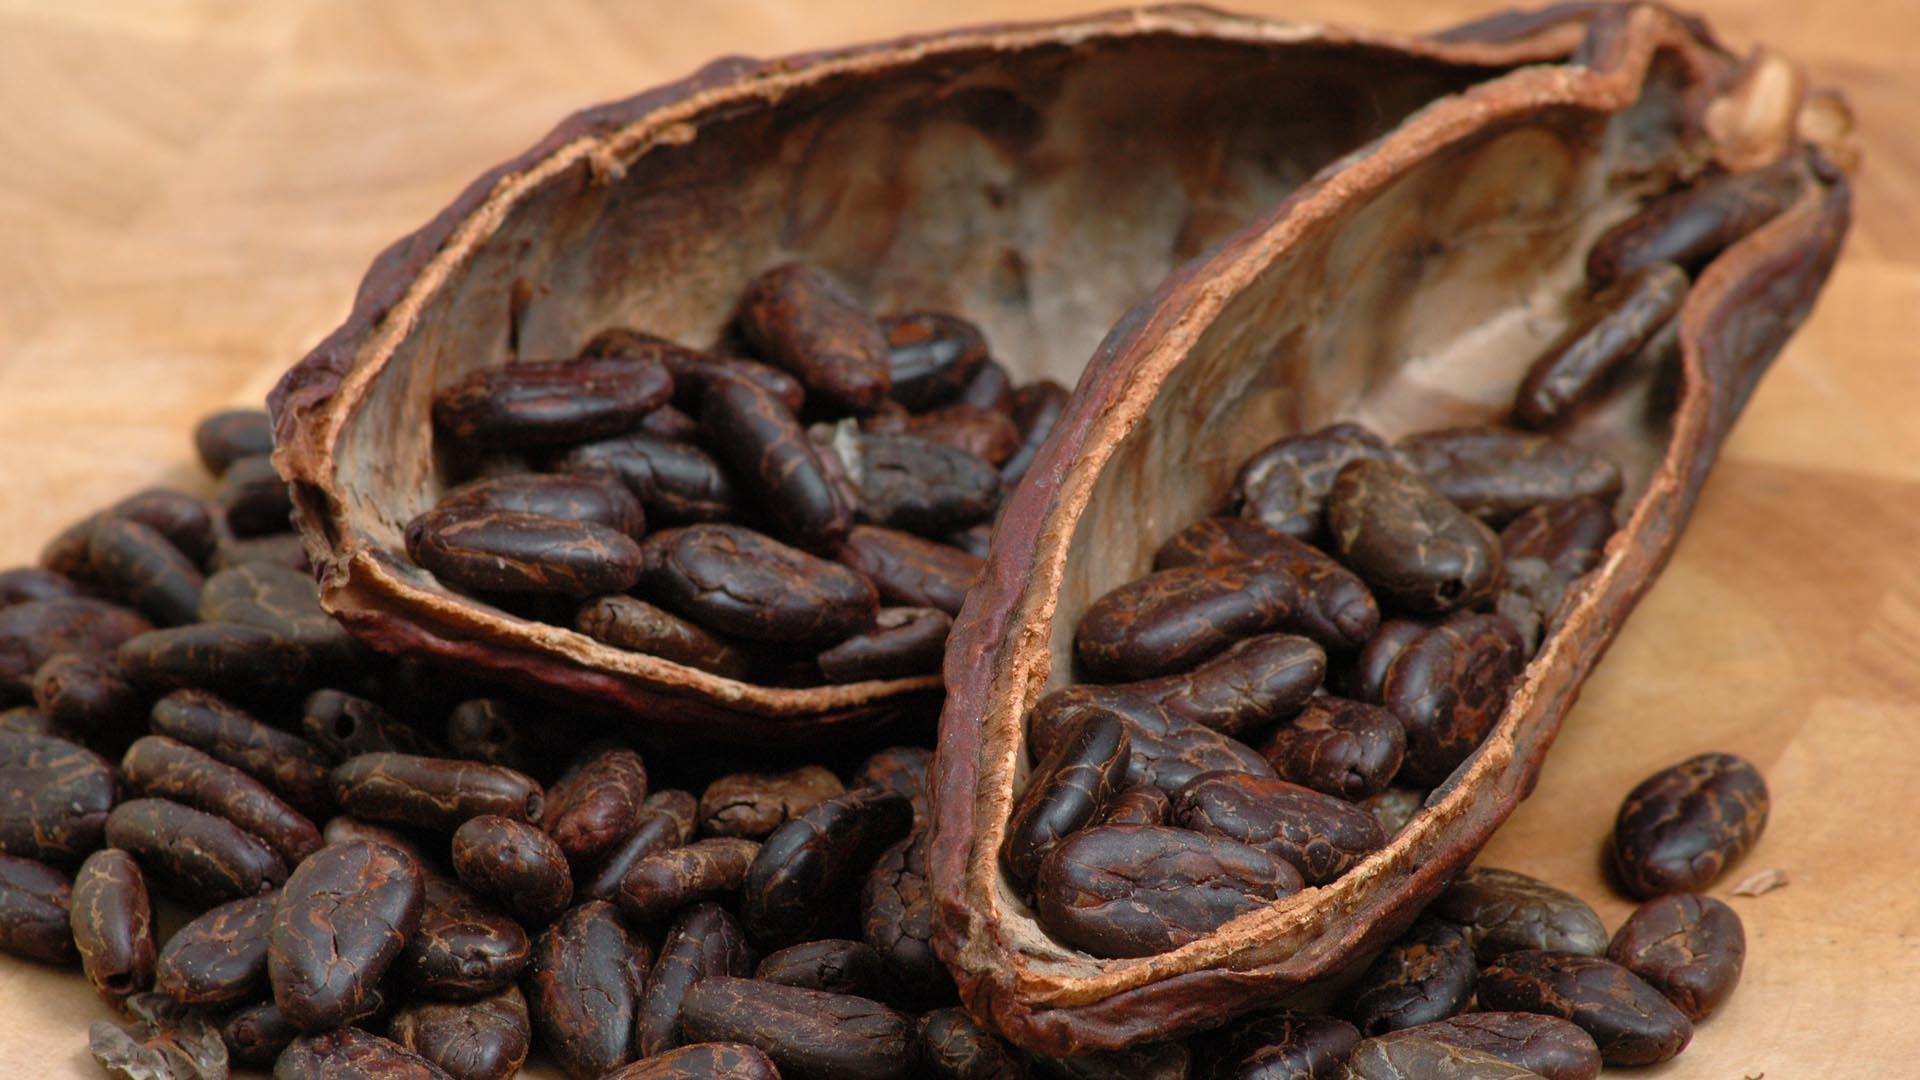 La ICCO cuenta con 49 países miembros, entre ellos 19 naciones productoras que juntas producen más de 95% del cacao mundial